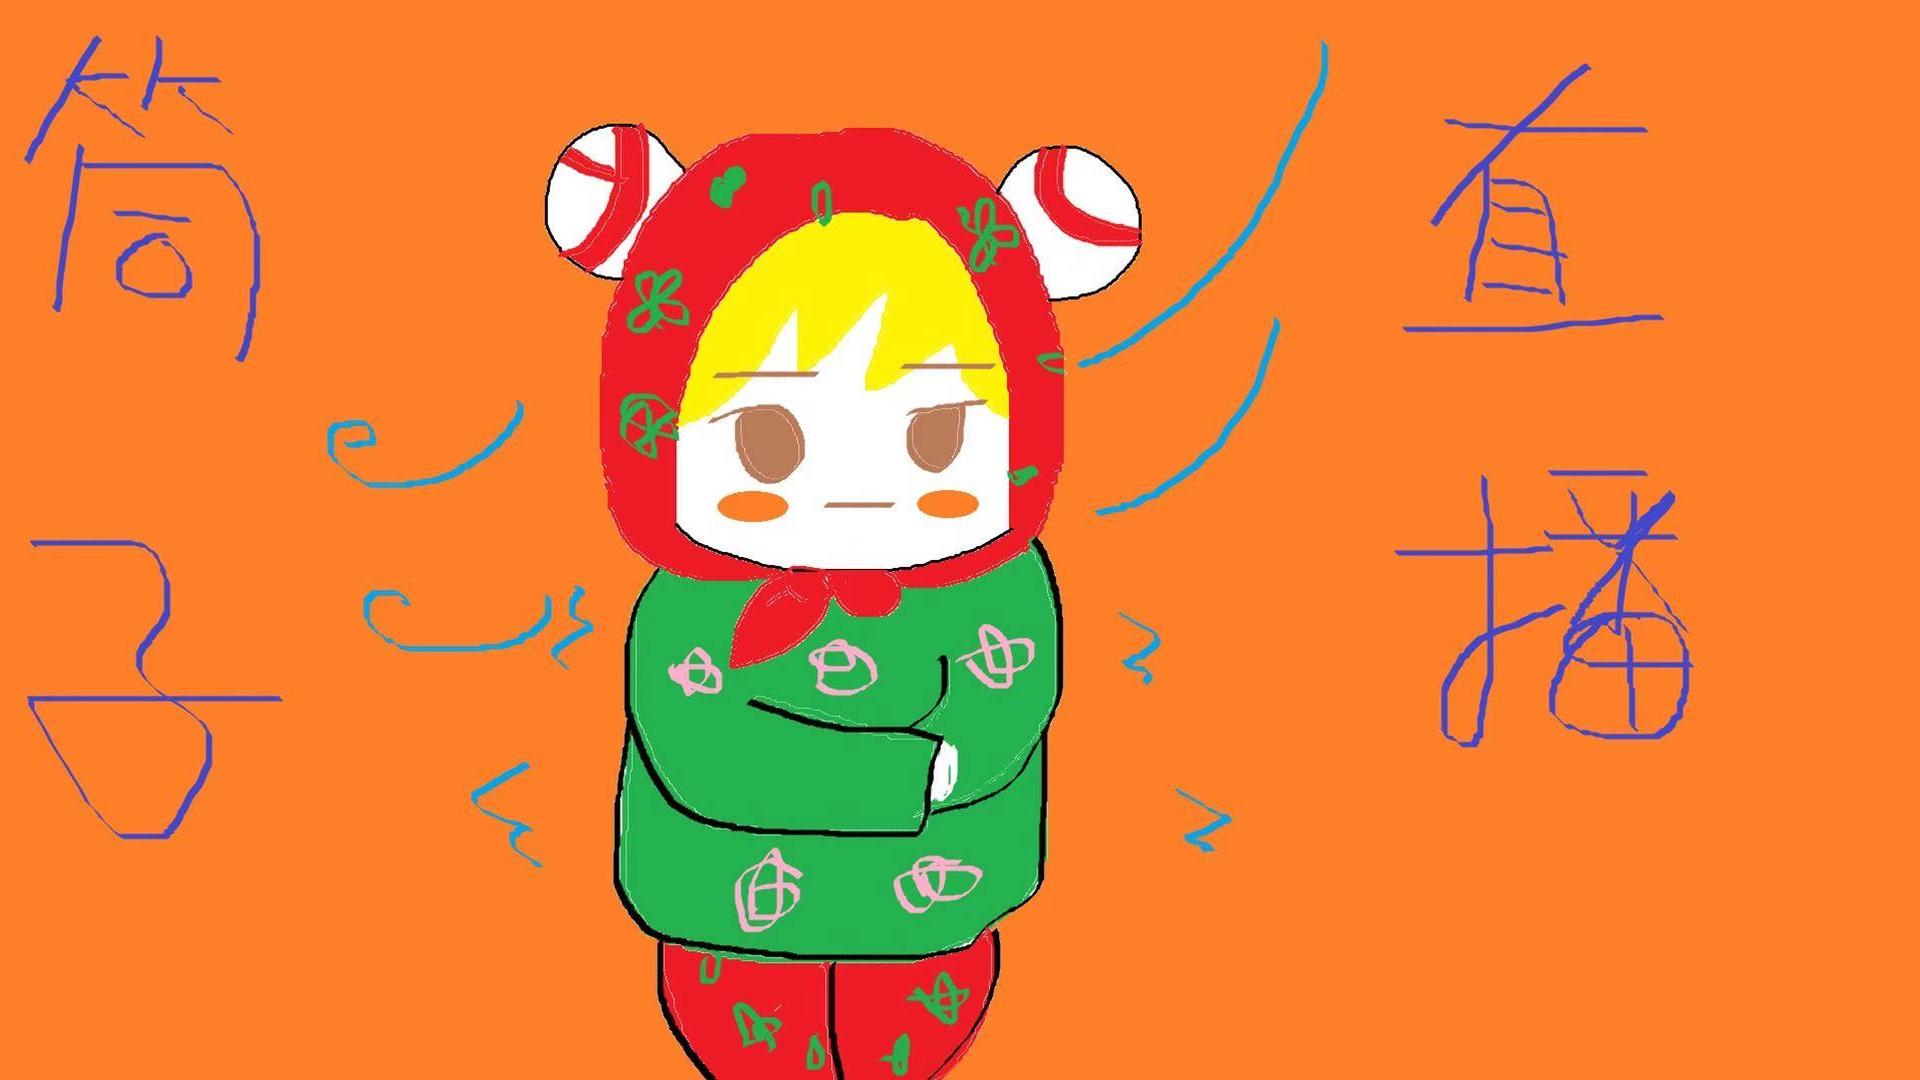 【AC娘】Live!和霸霸一起过冬